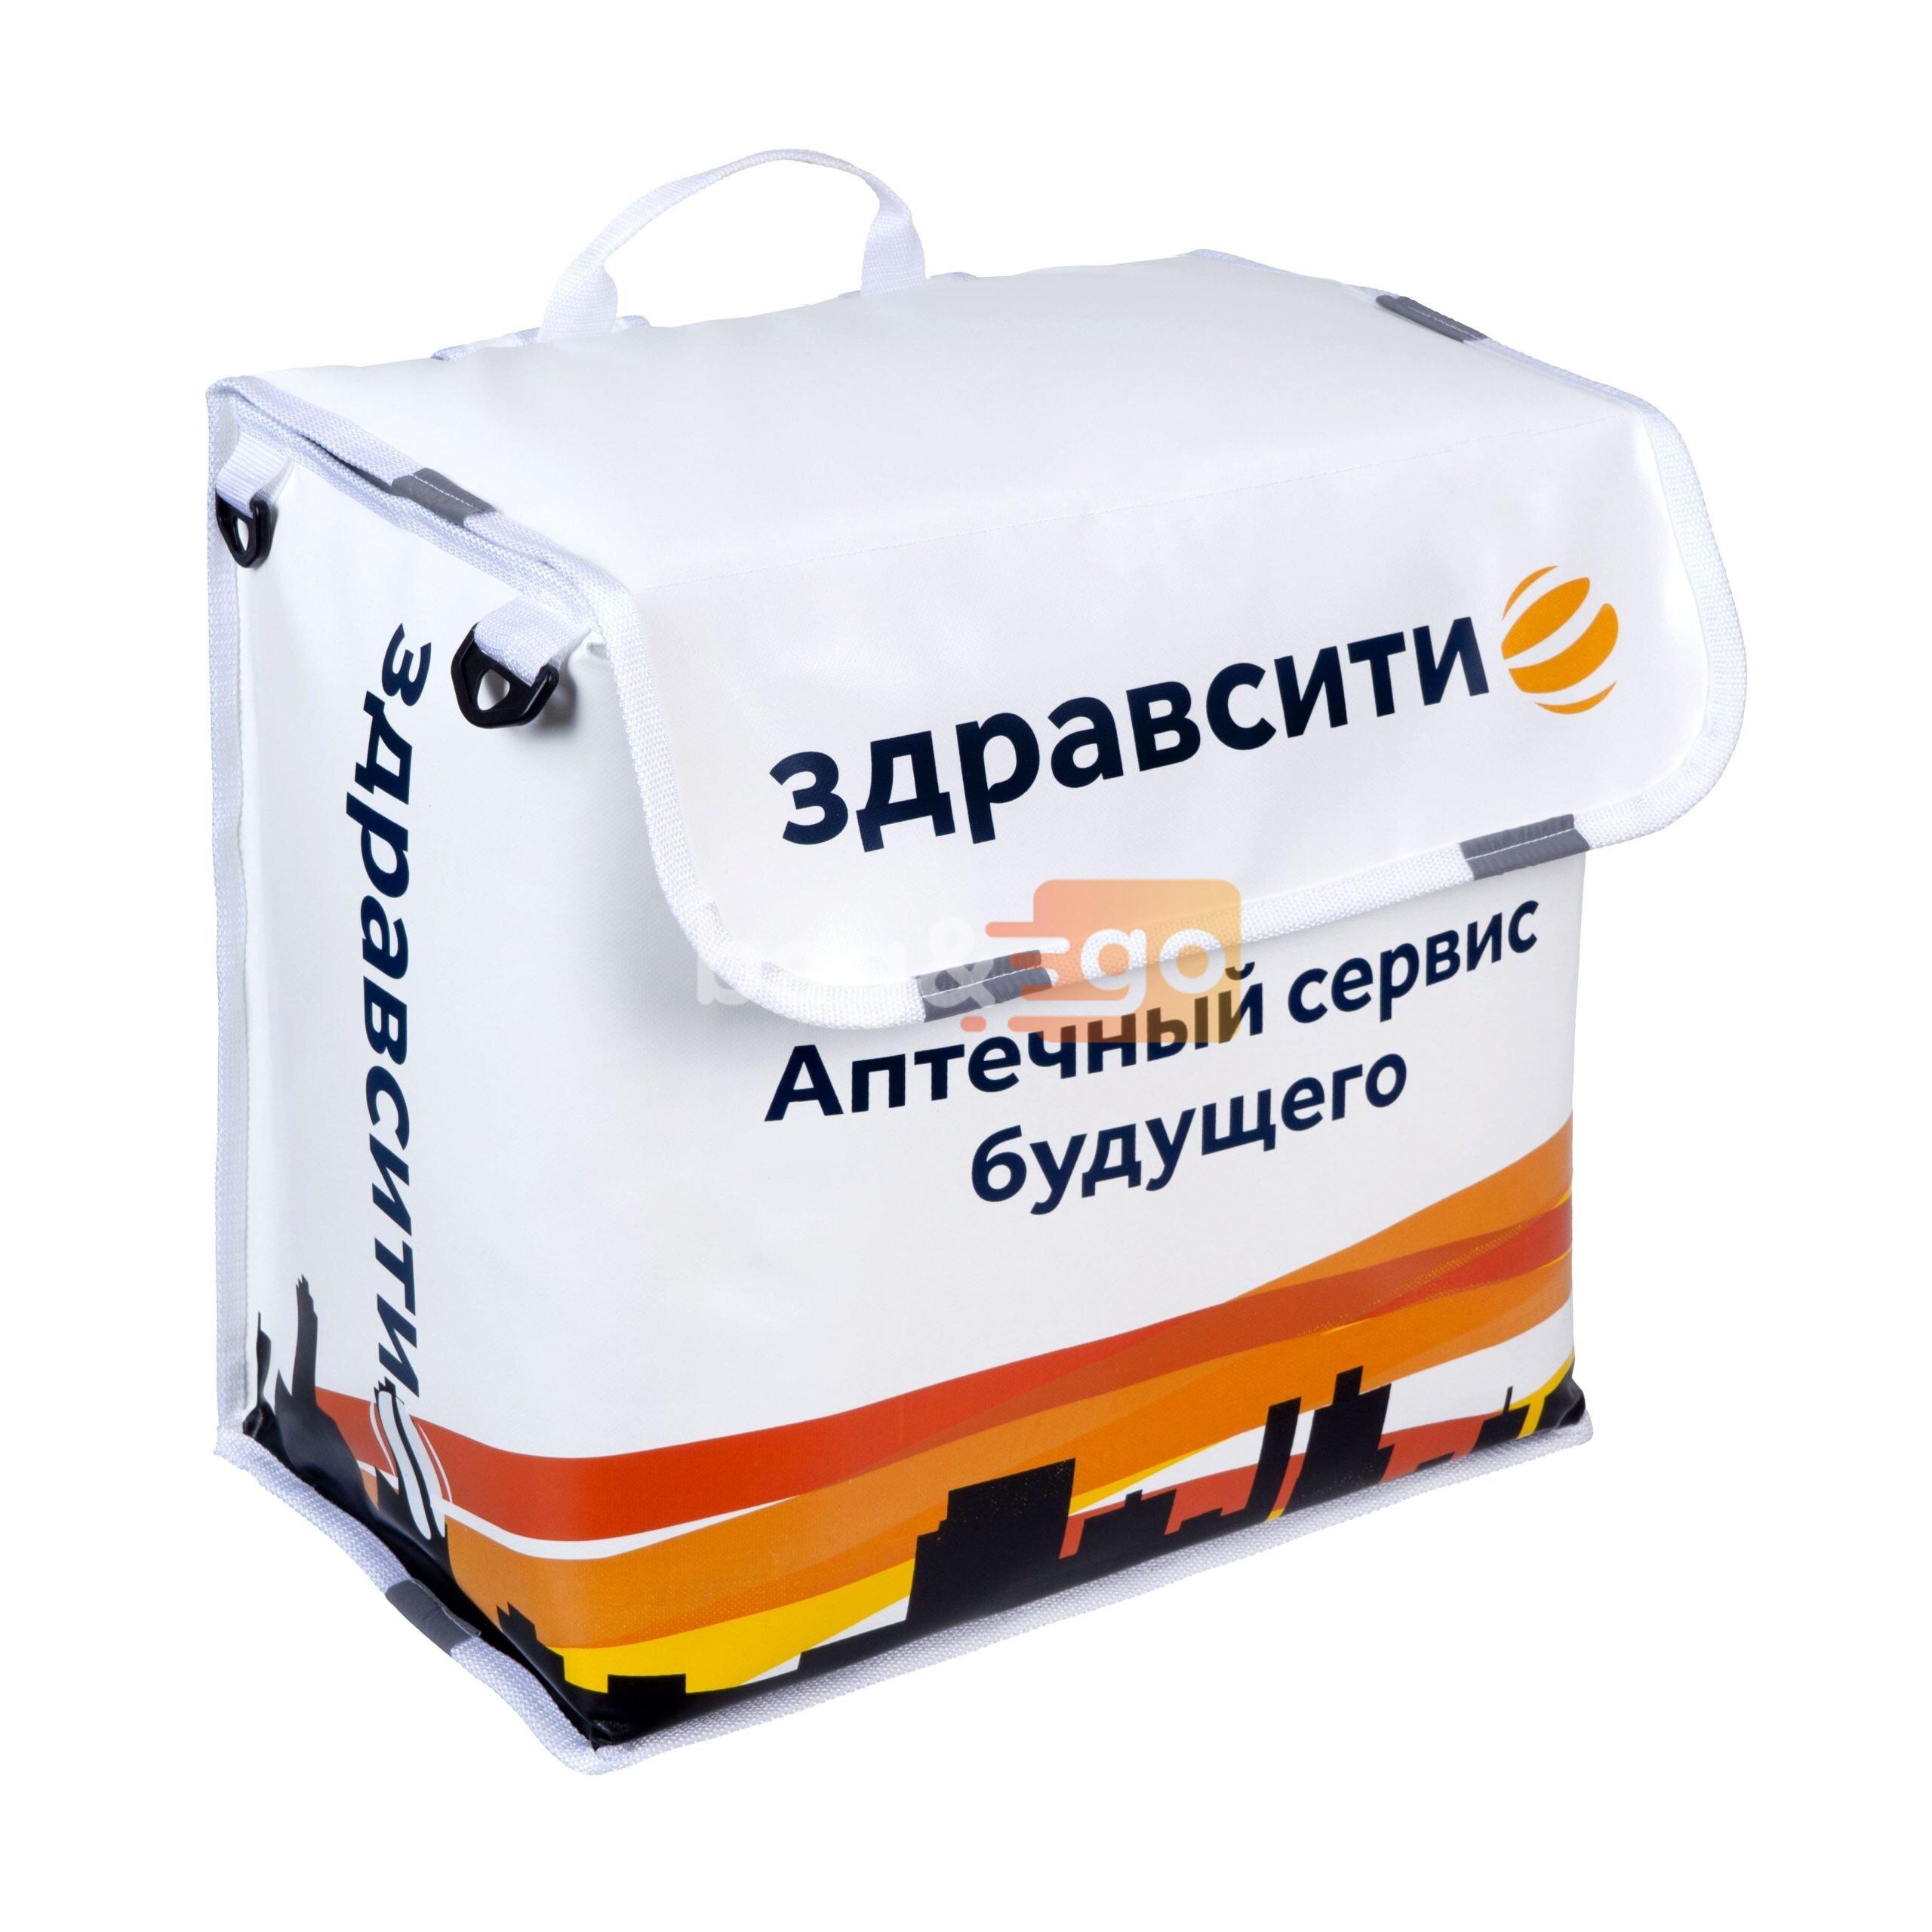 Купить терморюкзак для доставки еды и напитков в Москве